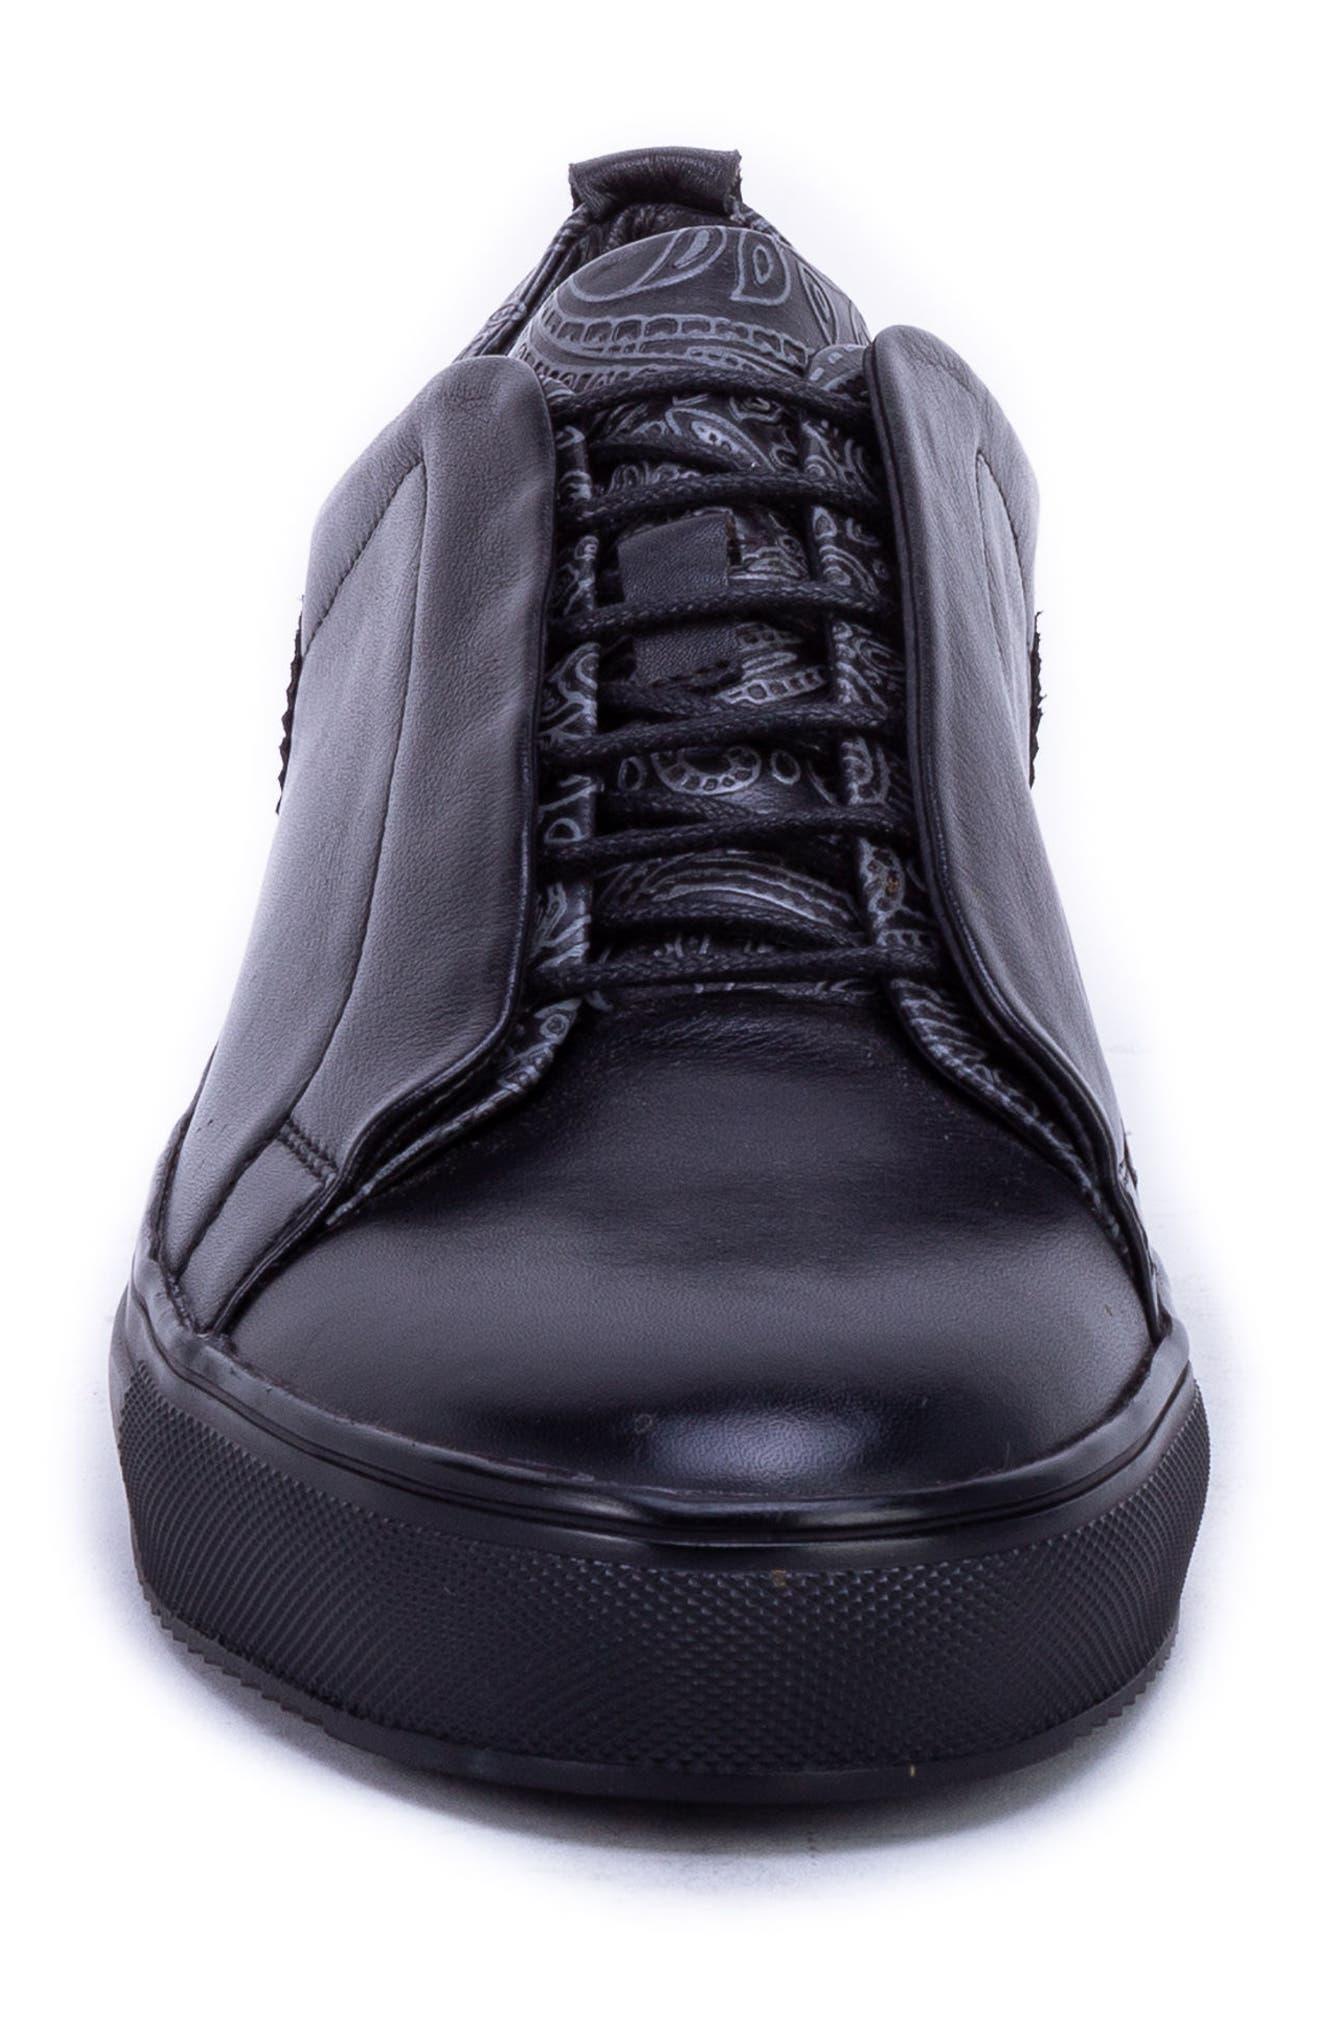 Sharpe Textured Sneaker,                             Alternate thumbnail 4, color,                             001